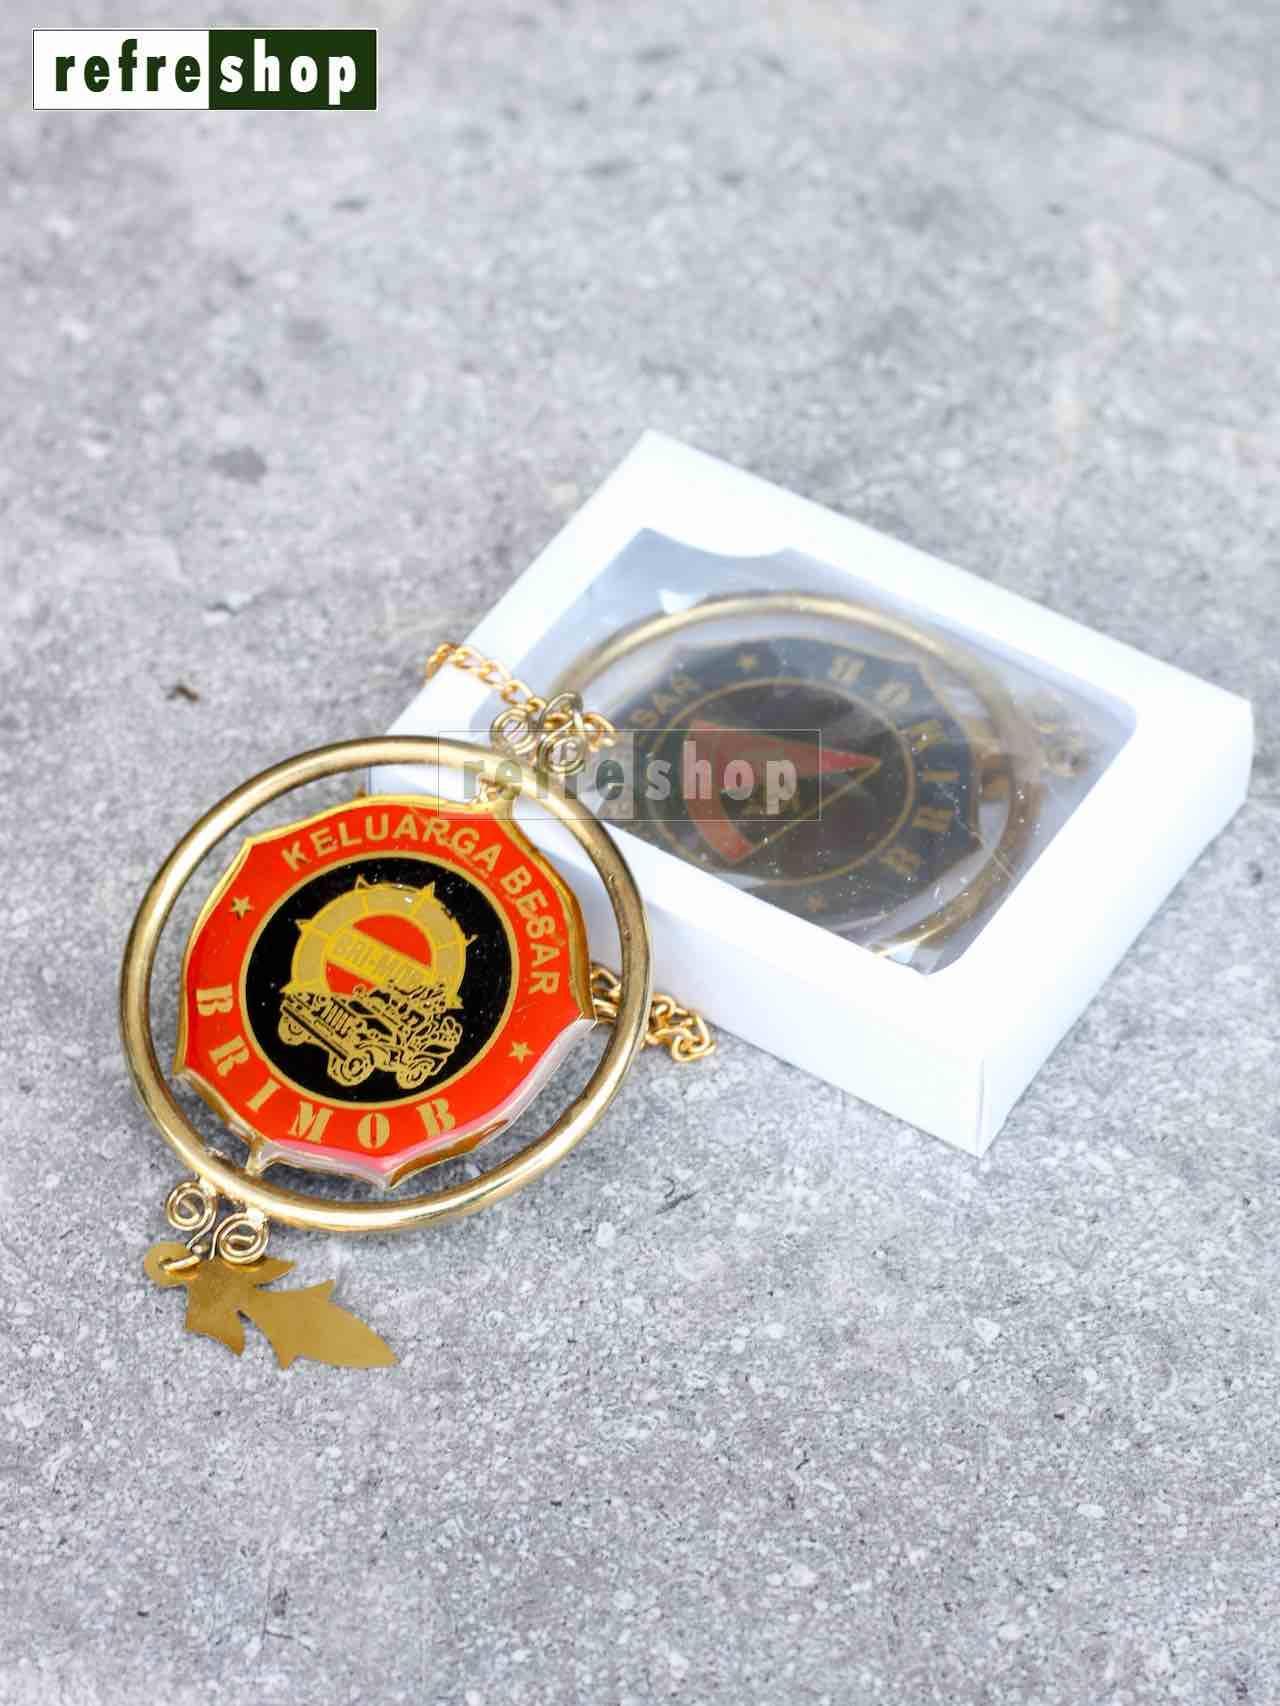 Gantungan Kaca Spion Aksesosris Mobil Elegan Keluarga Besar Brimob GMS0201BRHM Refreshop